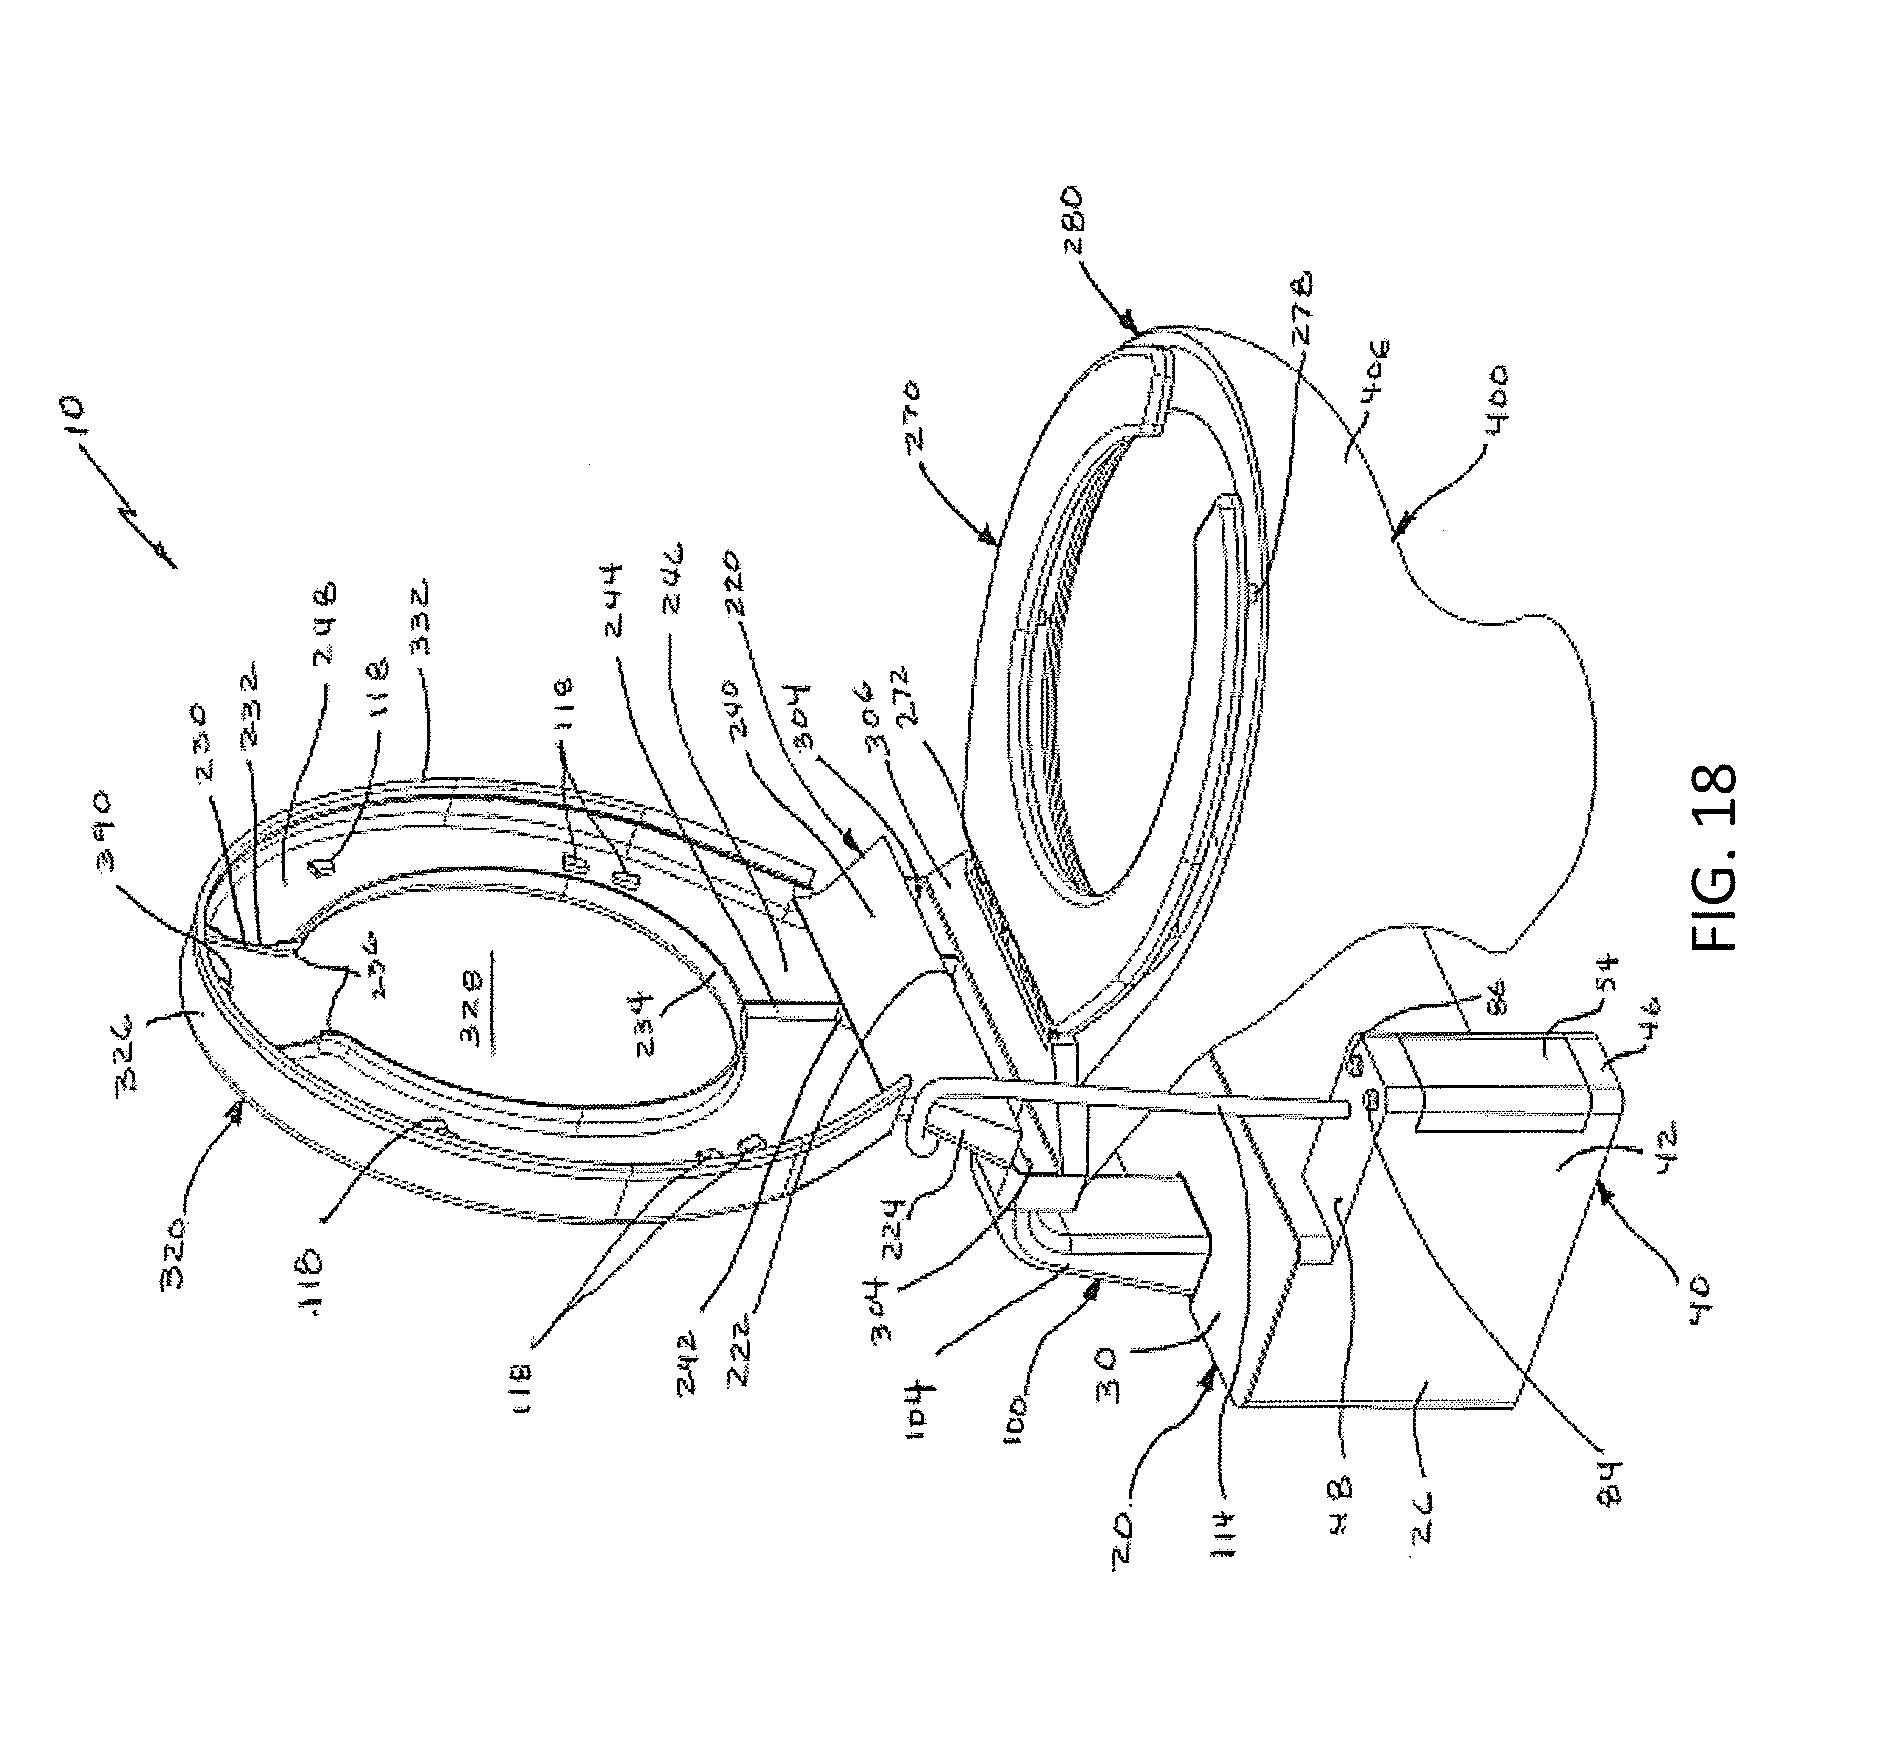 Suzuki Rf900 Wiring Schematic Suzuki C50 Wiring Diagram